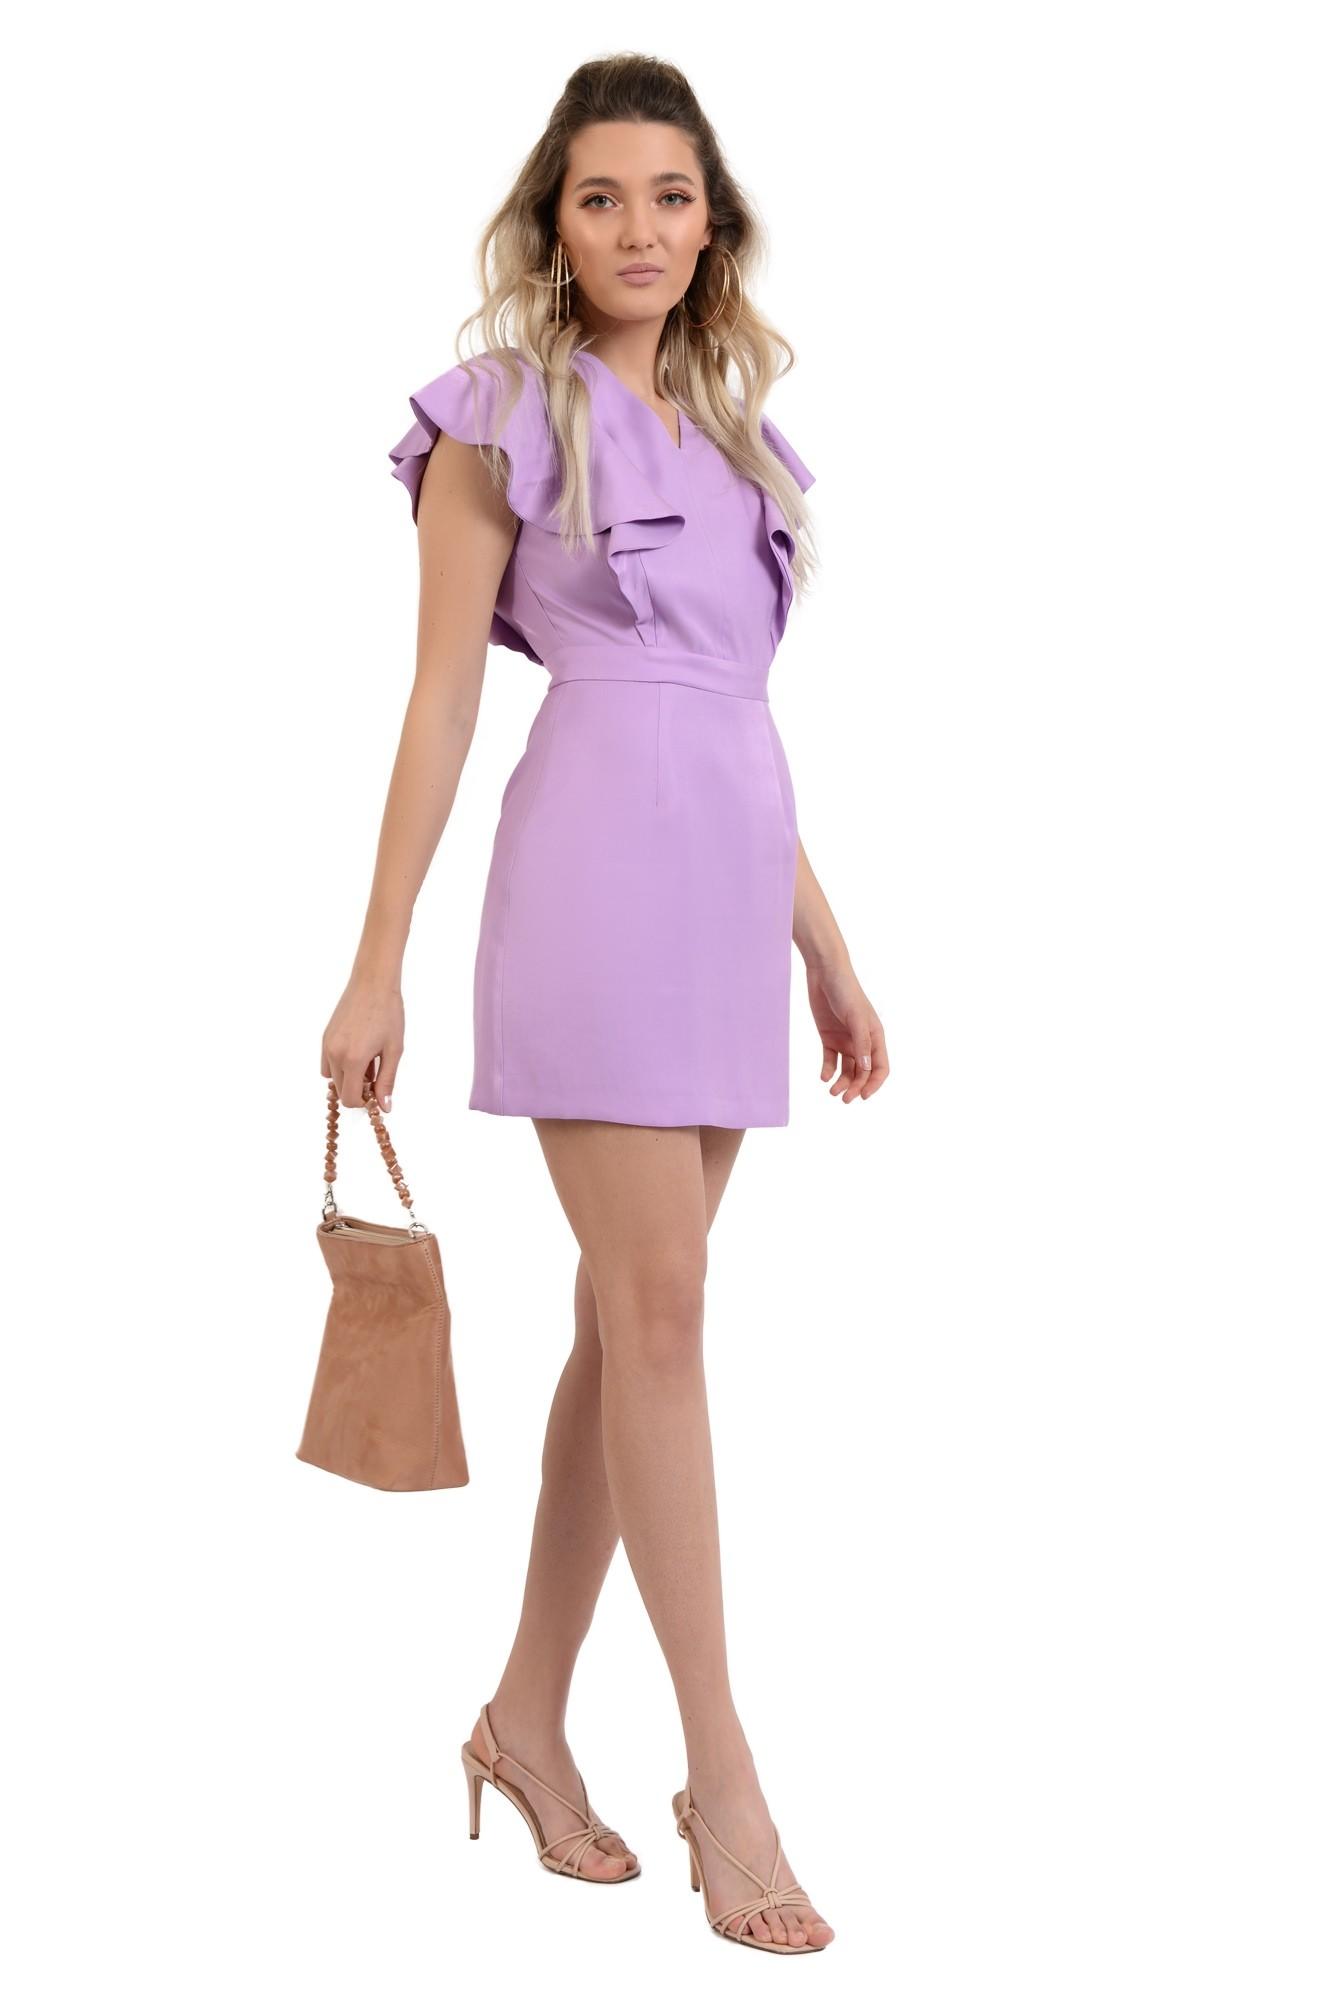 3 - 360 - rochie scurta, mini, cu volane, funda la spate, anchior, lila